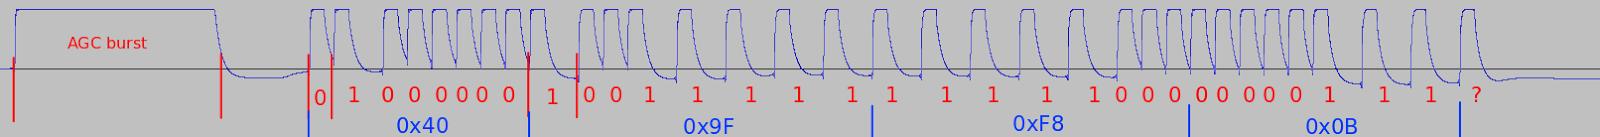 IR analysis and decoding - Audacity screenshot